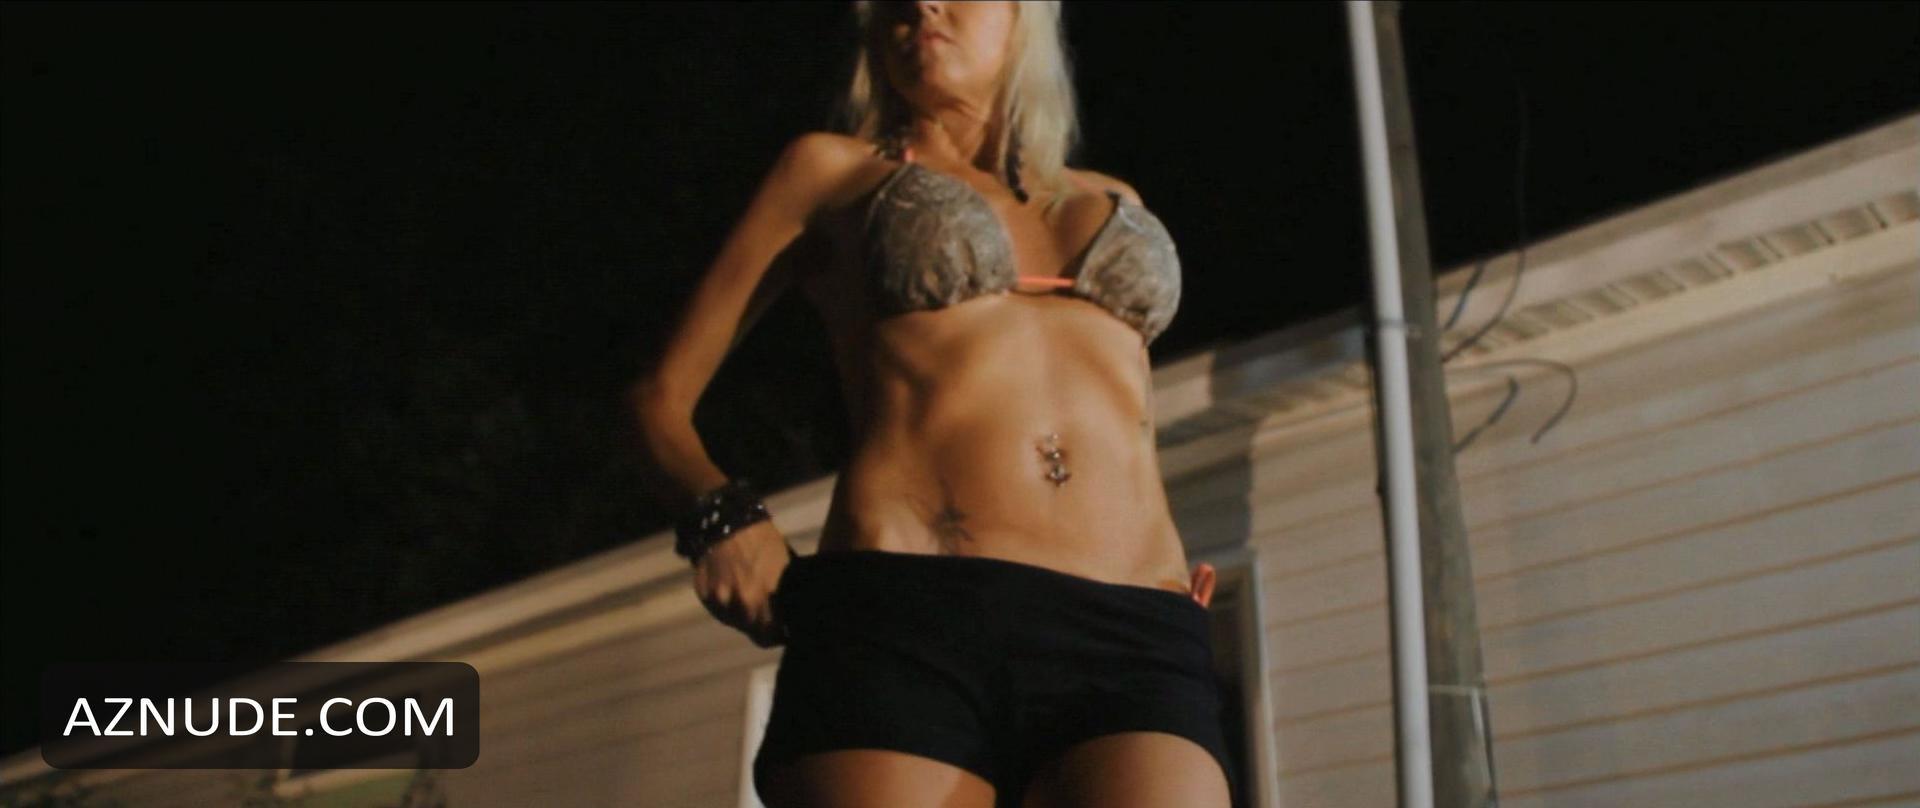 Angela Kerecz Porn angela kerecz nude - aznude